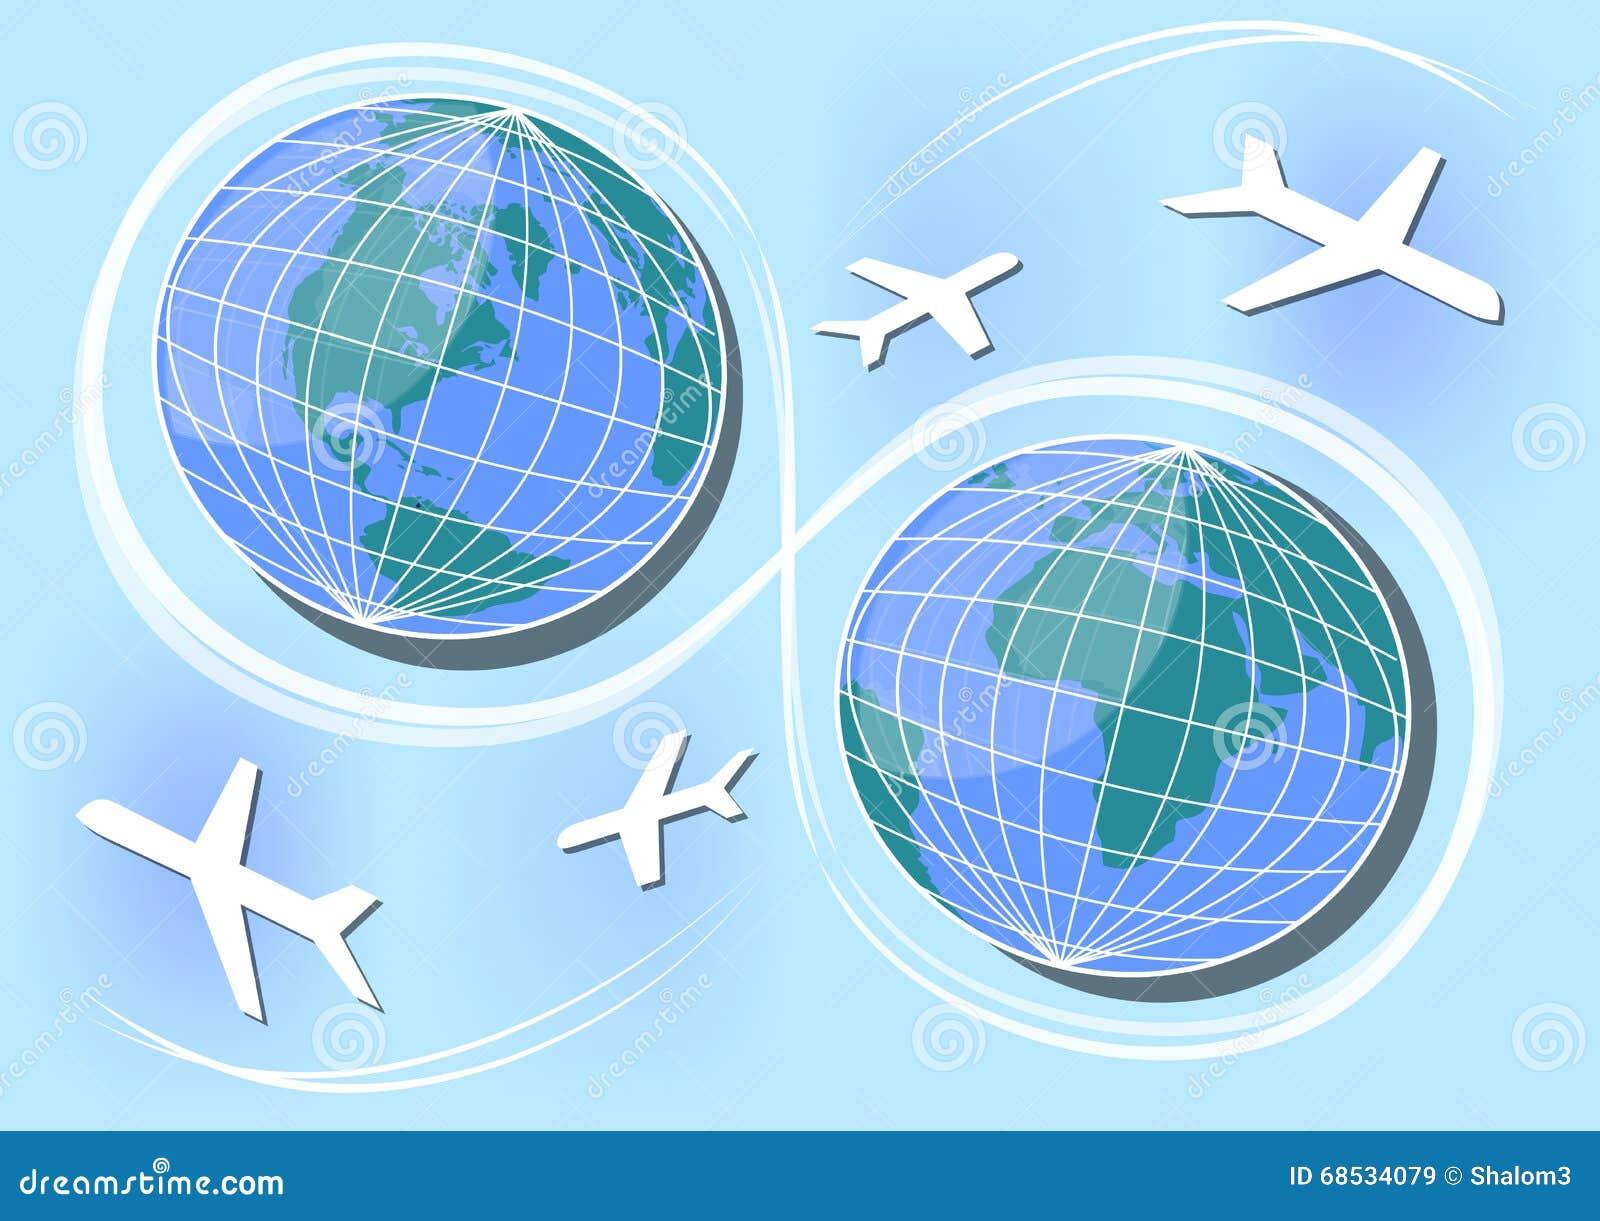 Zachodnia i Wschodnia hemisfera lotnicze ścieżki i związki w świacie, Plakatowy projekt dla agenci podróży, Międzynarodowy dzień